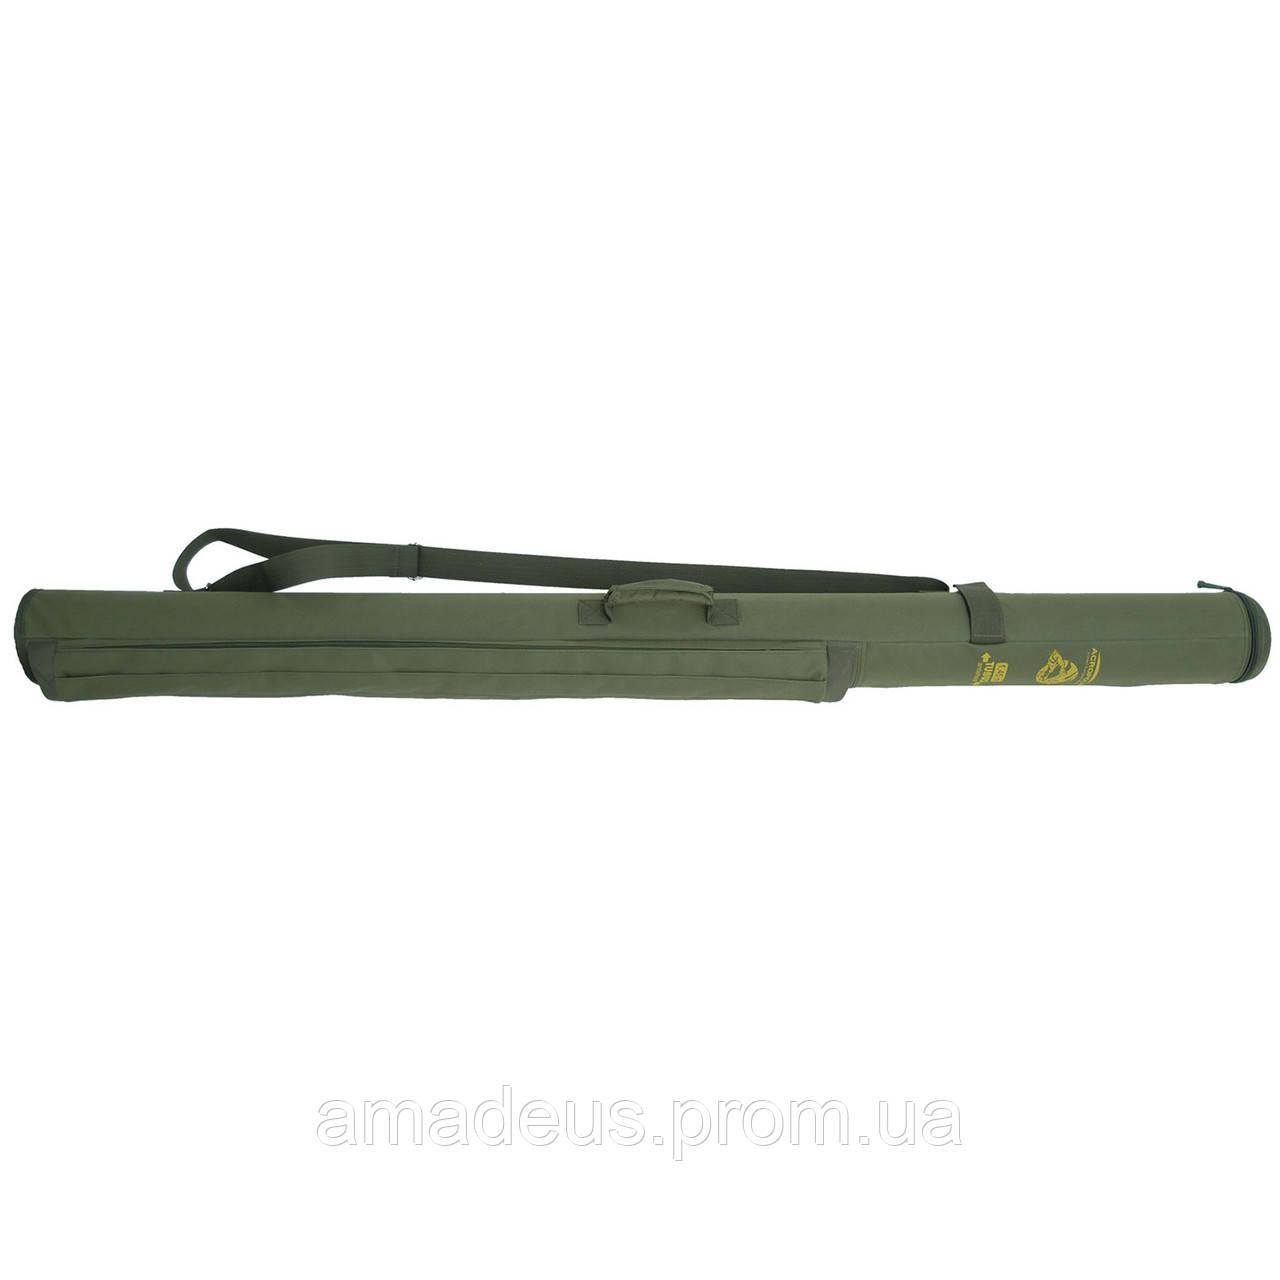 Жесткий тубус для спиннингов и удилищ (160 см) КВ-16а